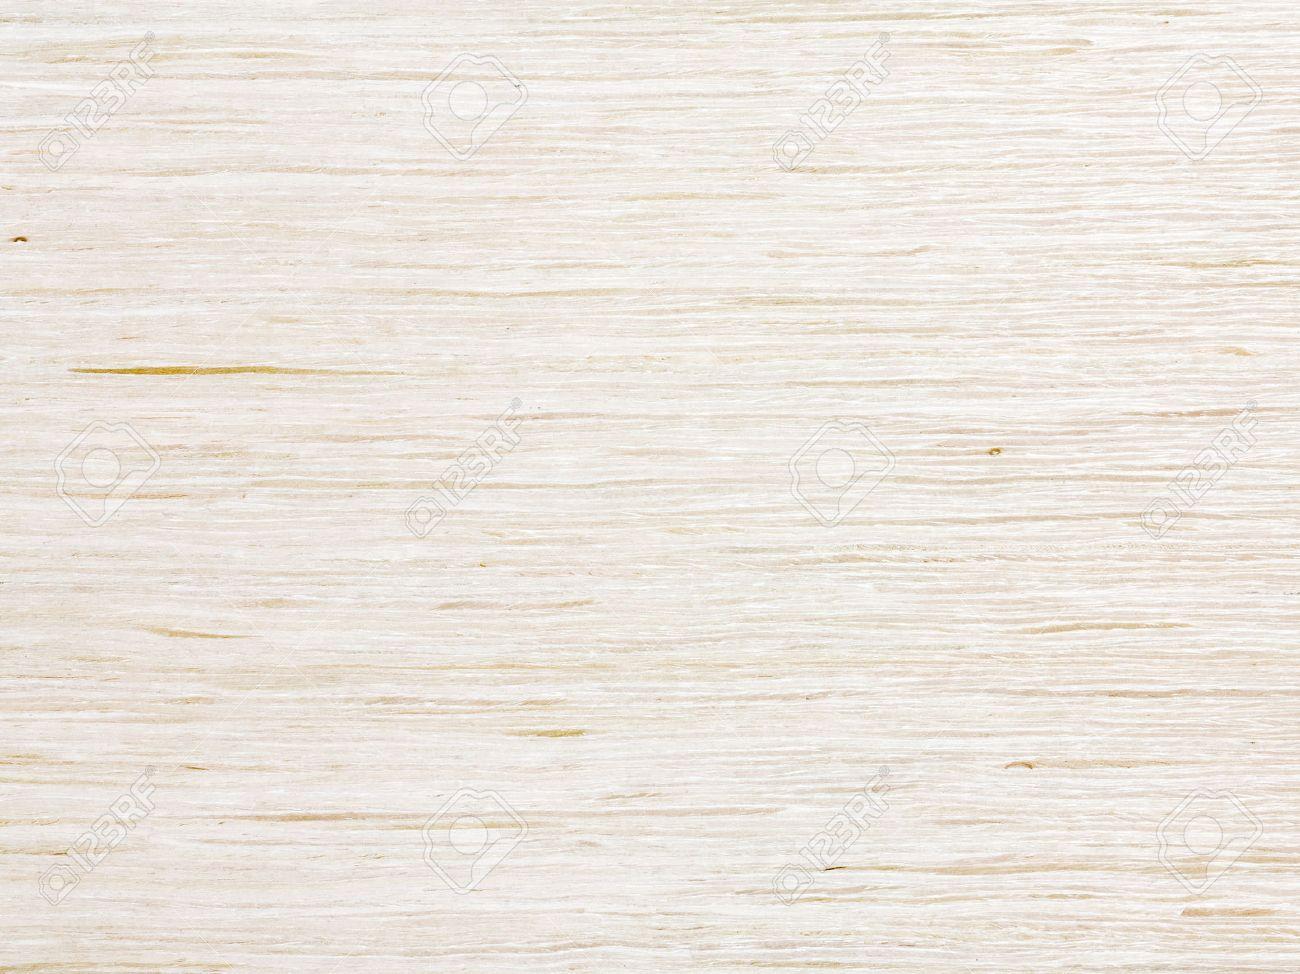 blanchi chêne texture du bois banque d'images et photos libres de